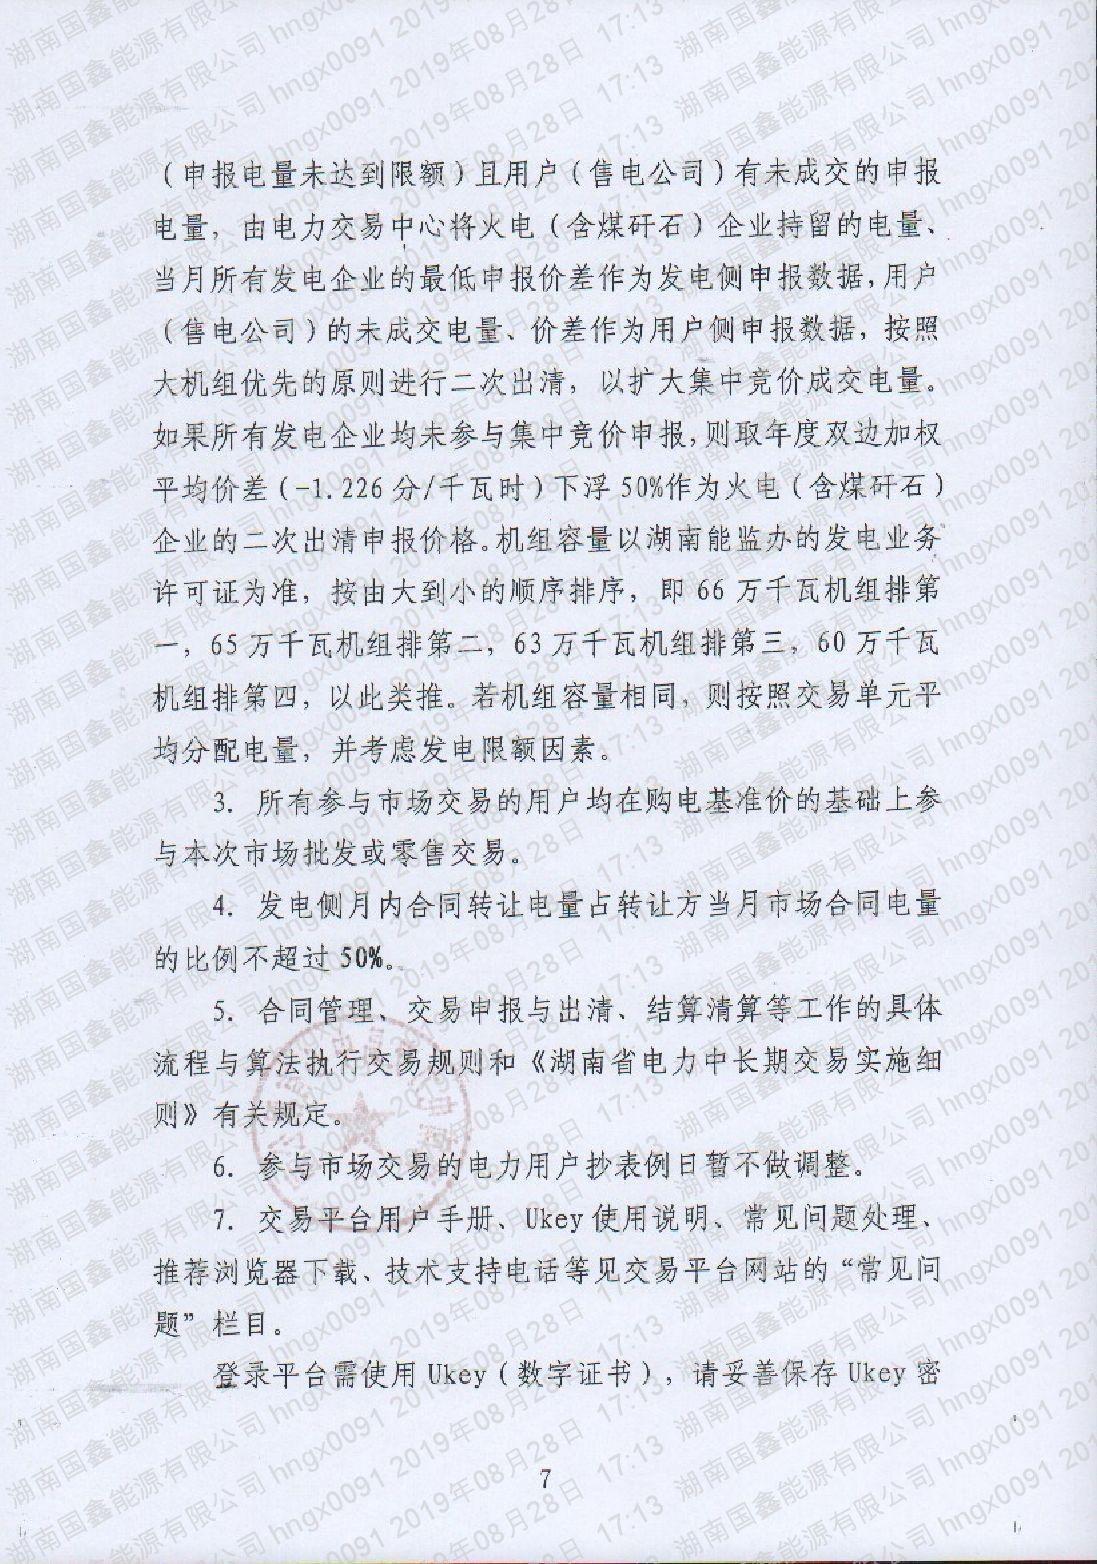 2019年第20號交易公告(9月月度交易).pdf_page_7_compressed.jpg